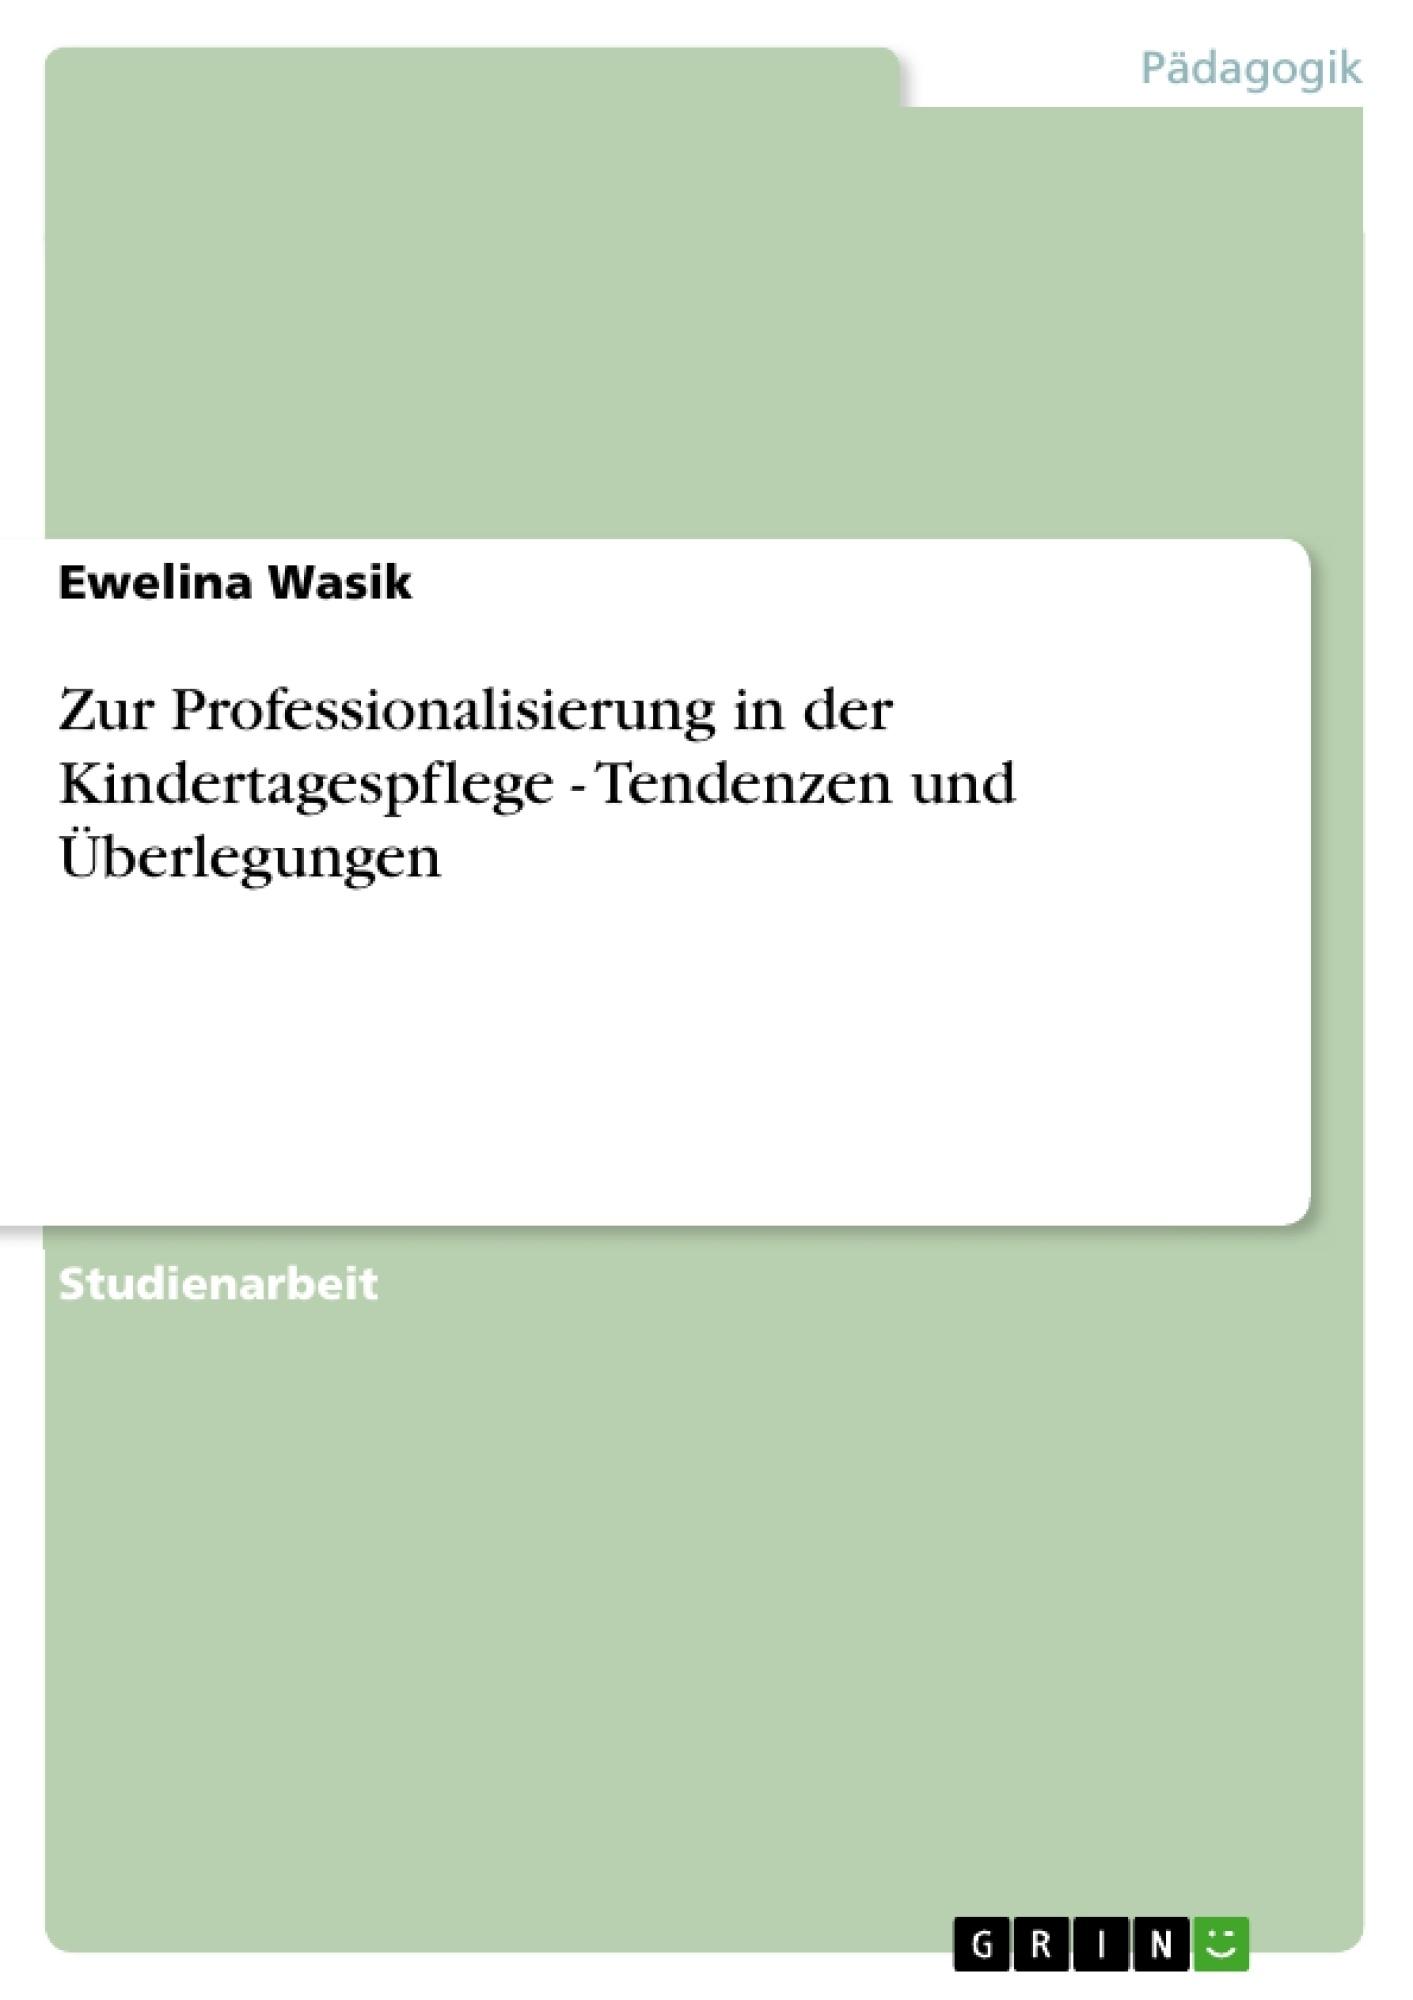 Titel: Zur Professionalisierung in der Kindertagespflege - Tendenzen und Überlegungen